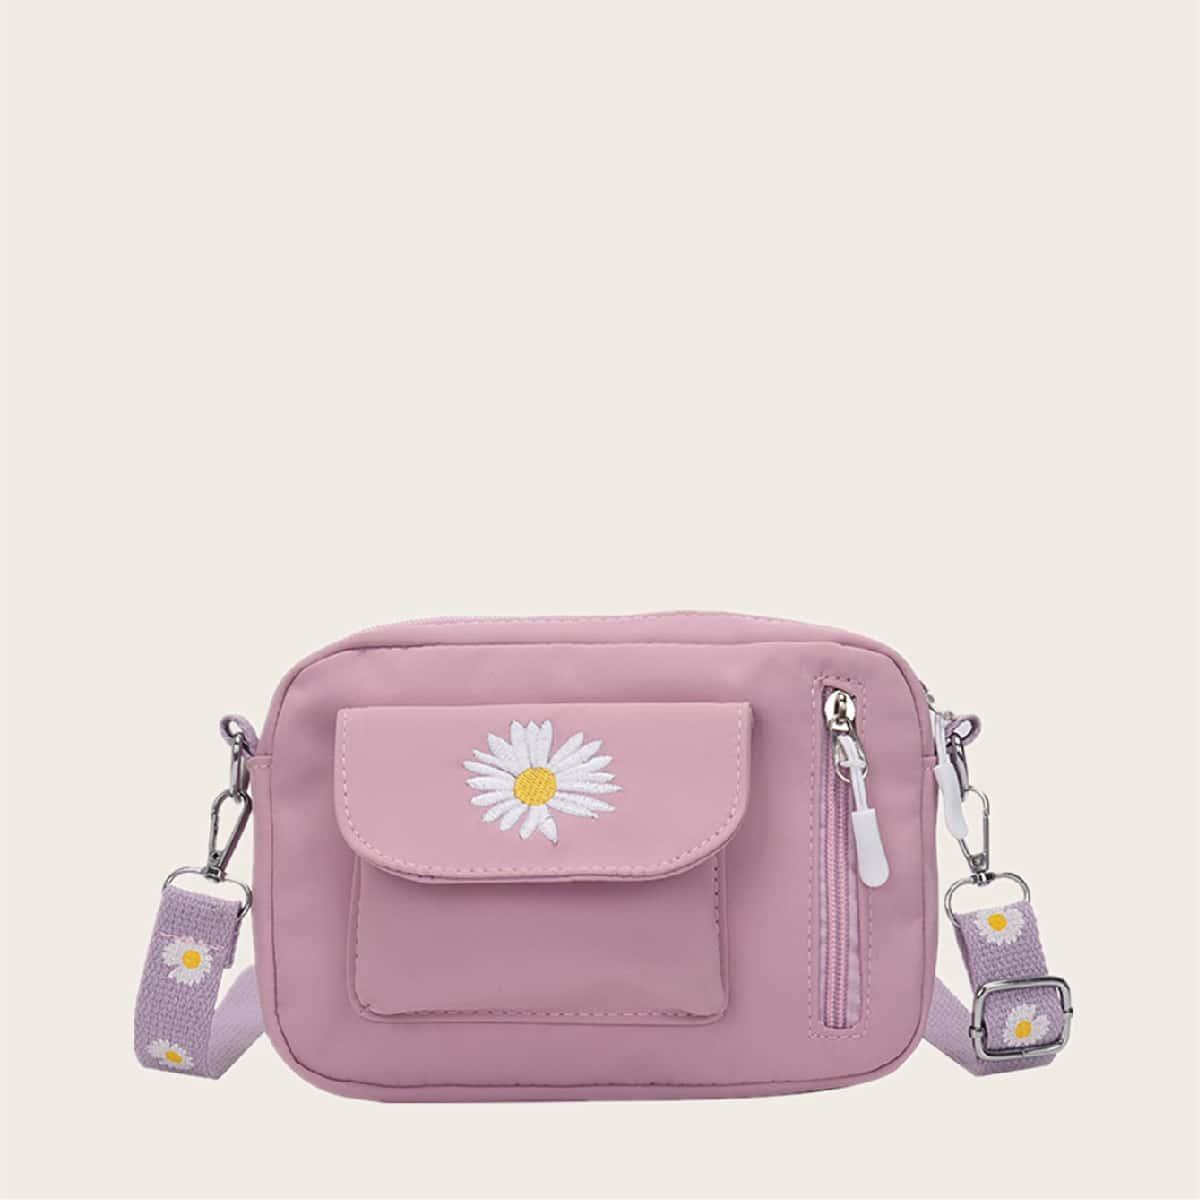 Передняя сумка через плечо с вышивкой Daisy